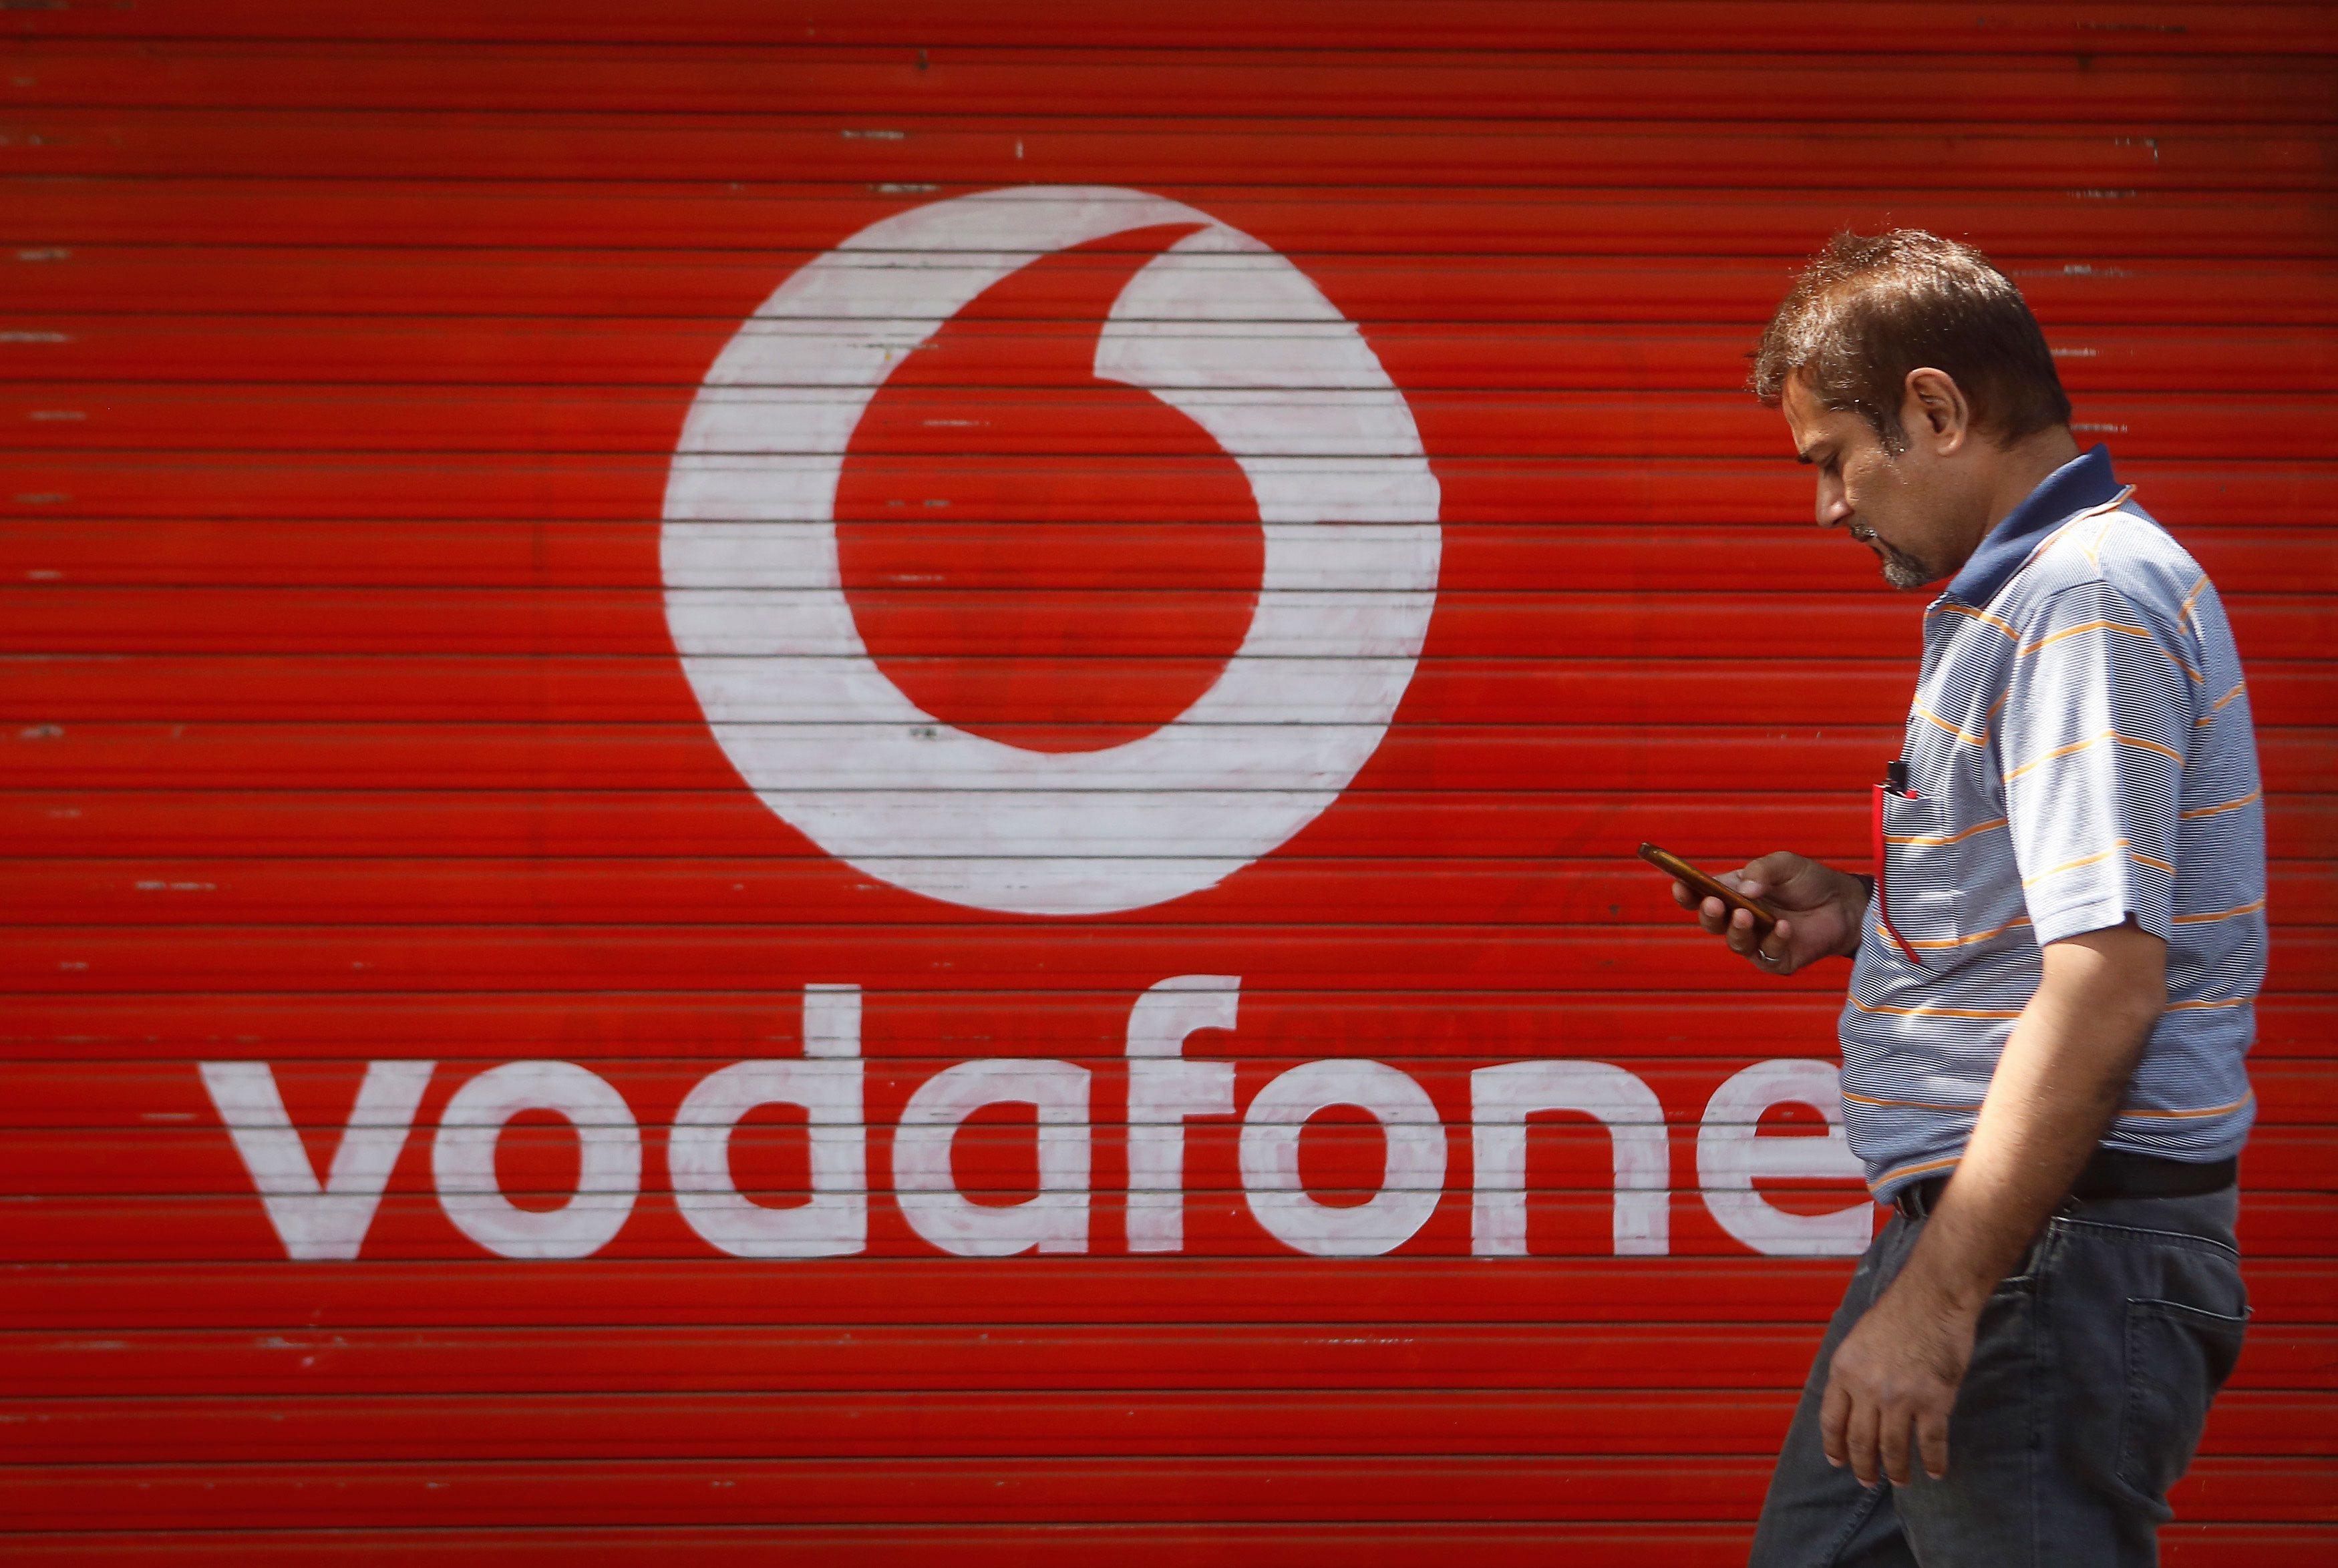 व्होडाफोन खटल्यात सरकारचे २० हजार कोटींचे नुकसान